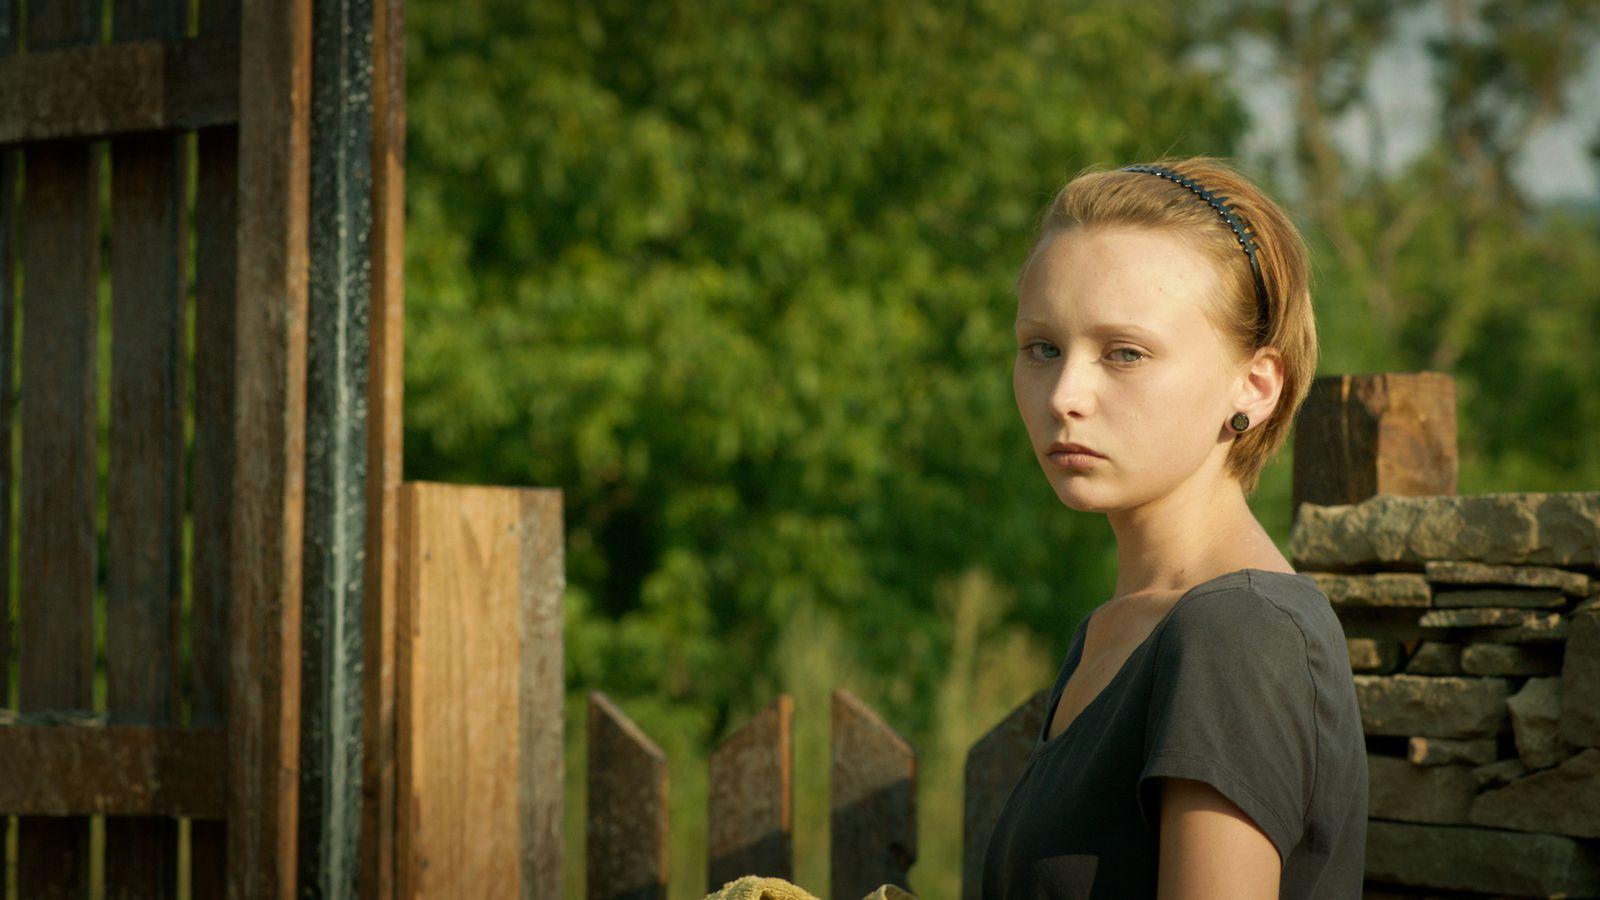 Sister (BANDE-ANNONCE) de Svetla Tsotsorkova - Le 7 octobre 2020 au cinéma